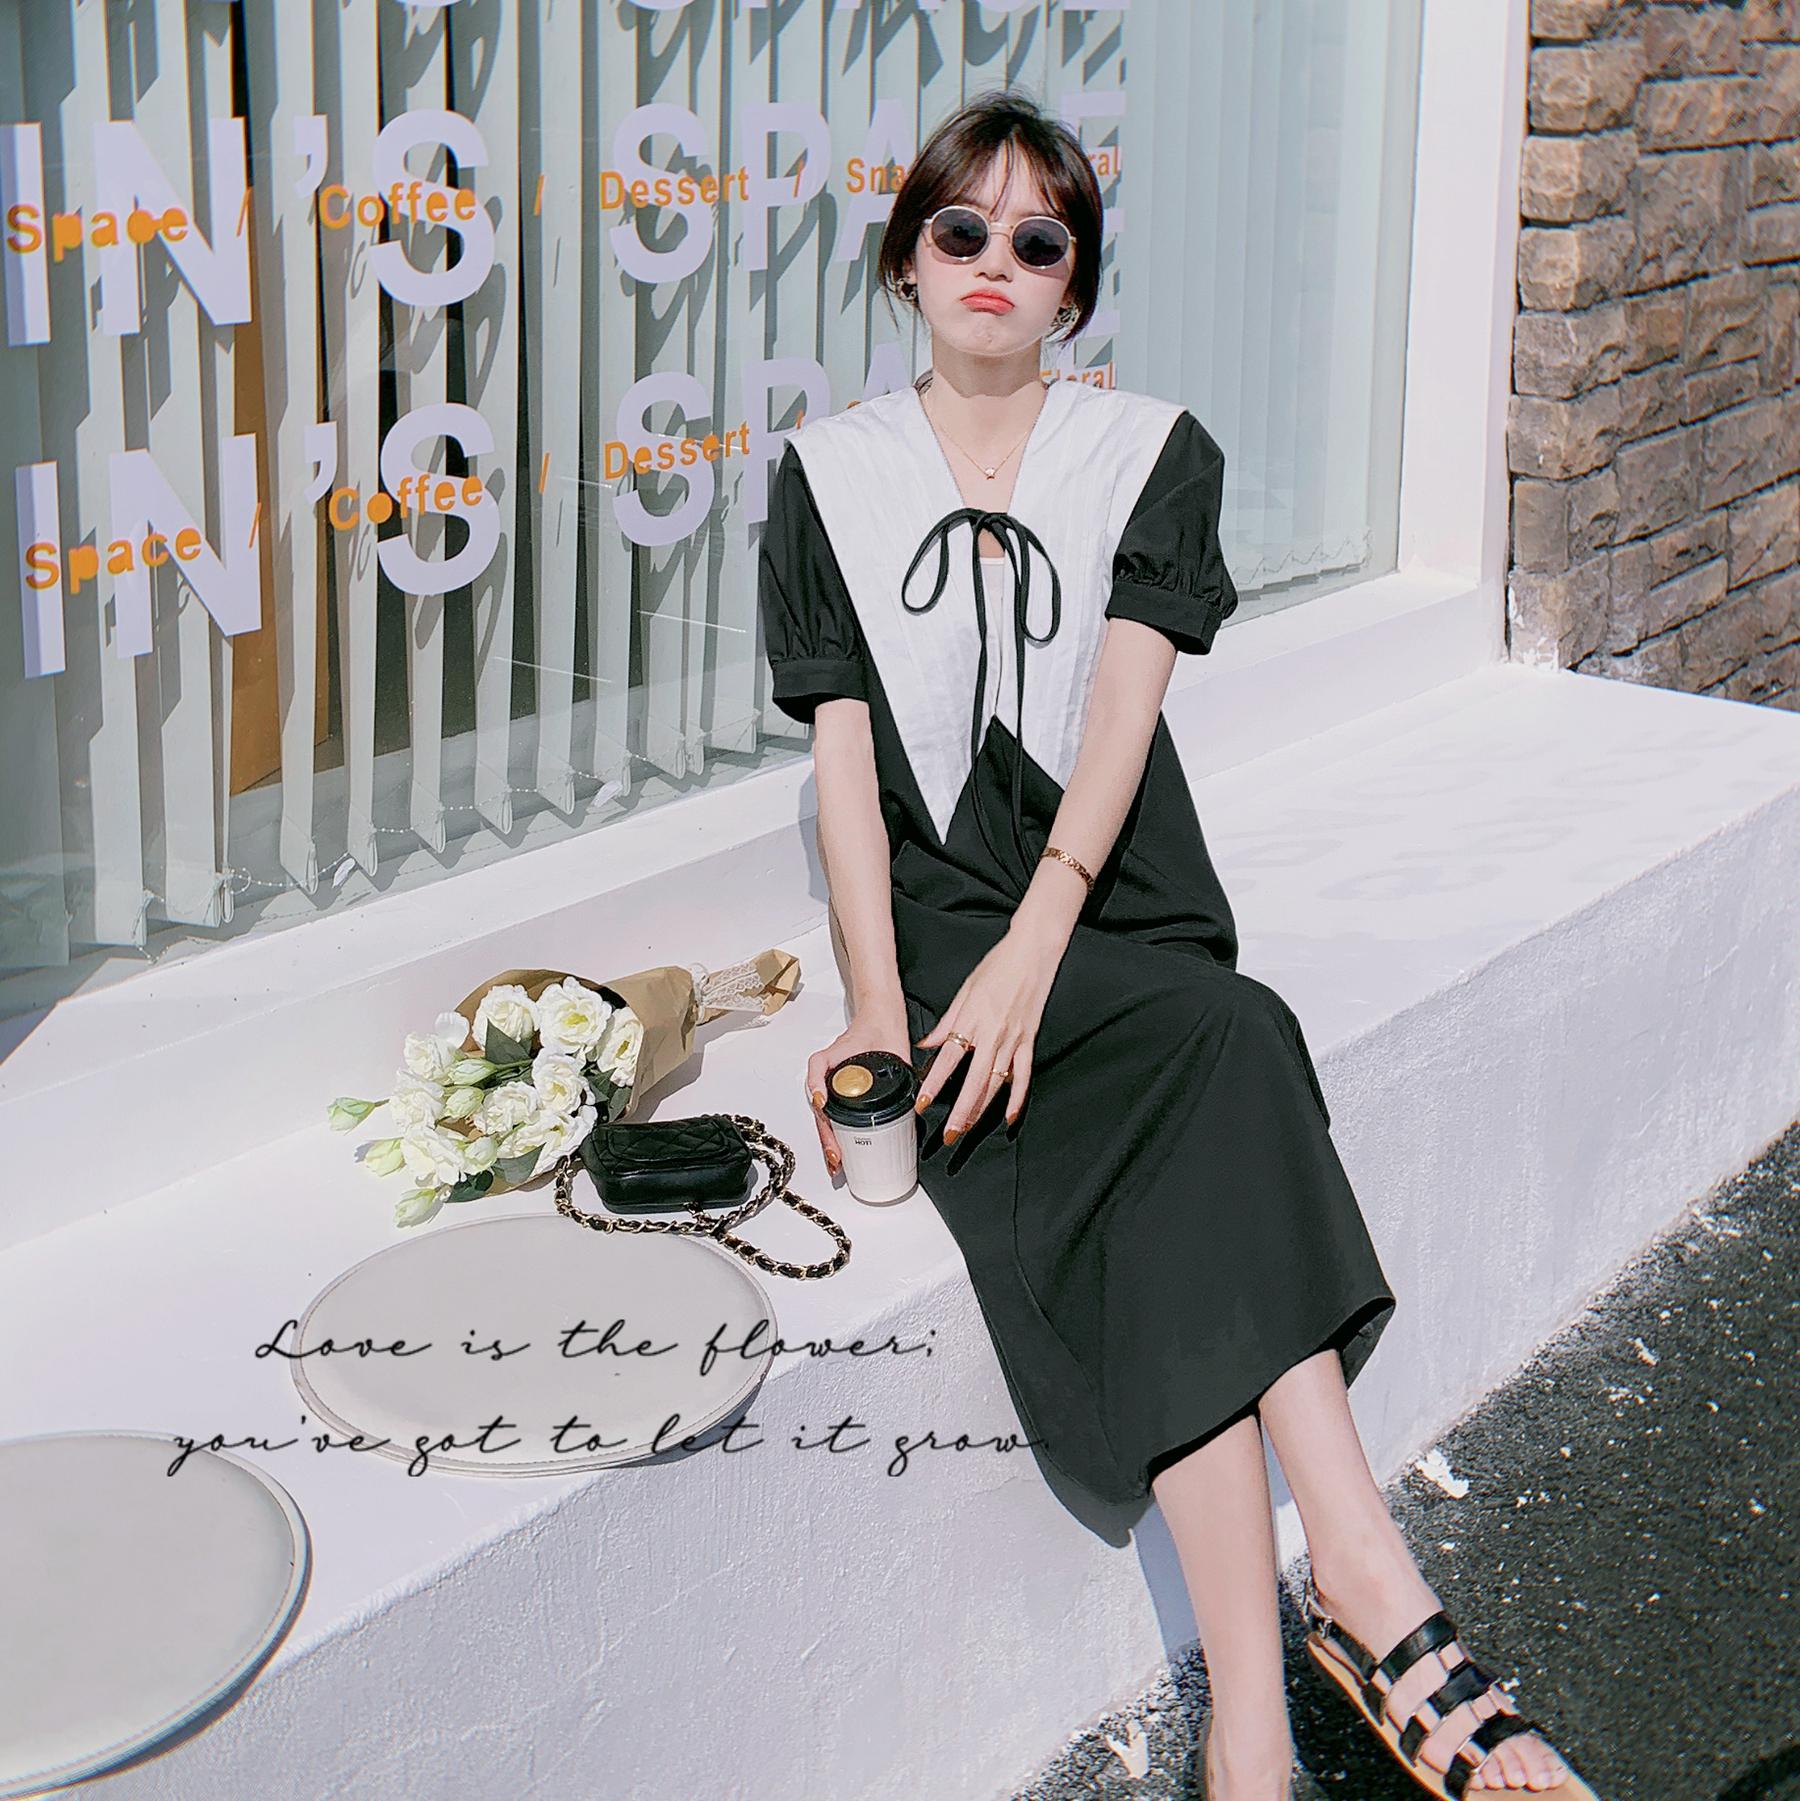 【爆款新增加黑色】前后两面穿泡泡袖大翻领连衣裙828-p105-k168,女装连衣裙,MAOKA